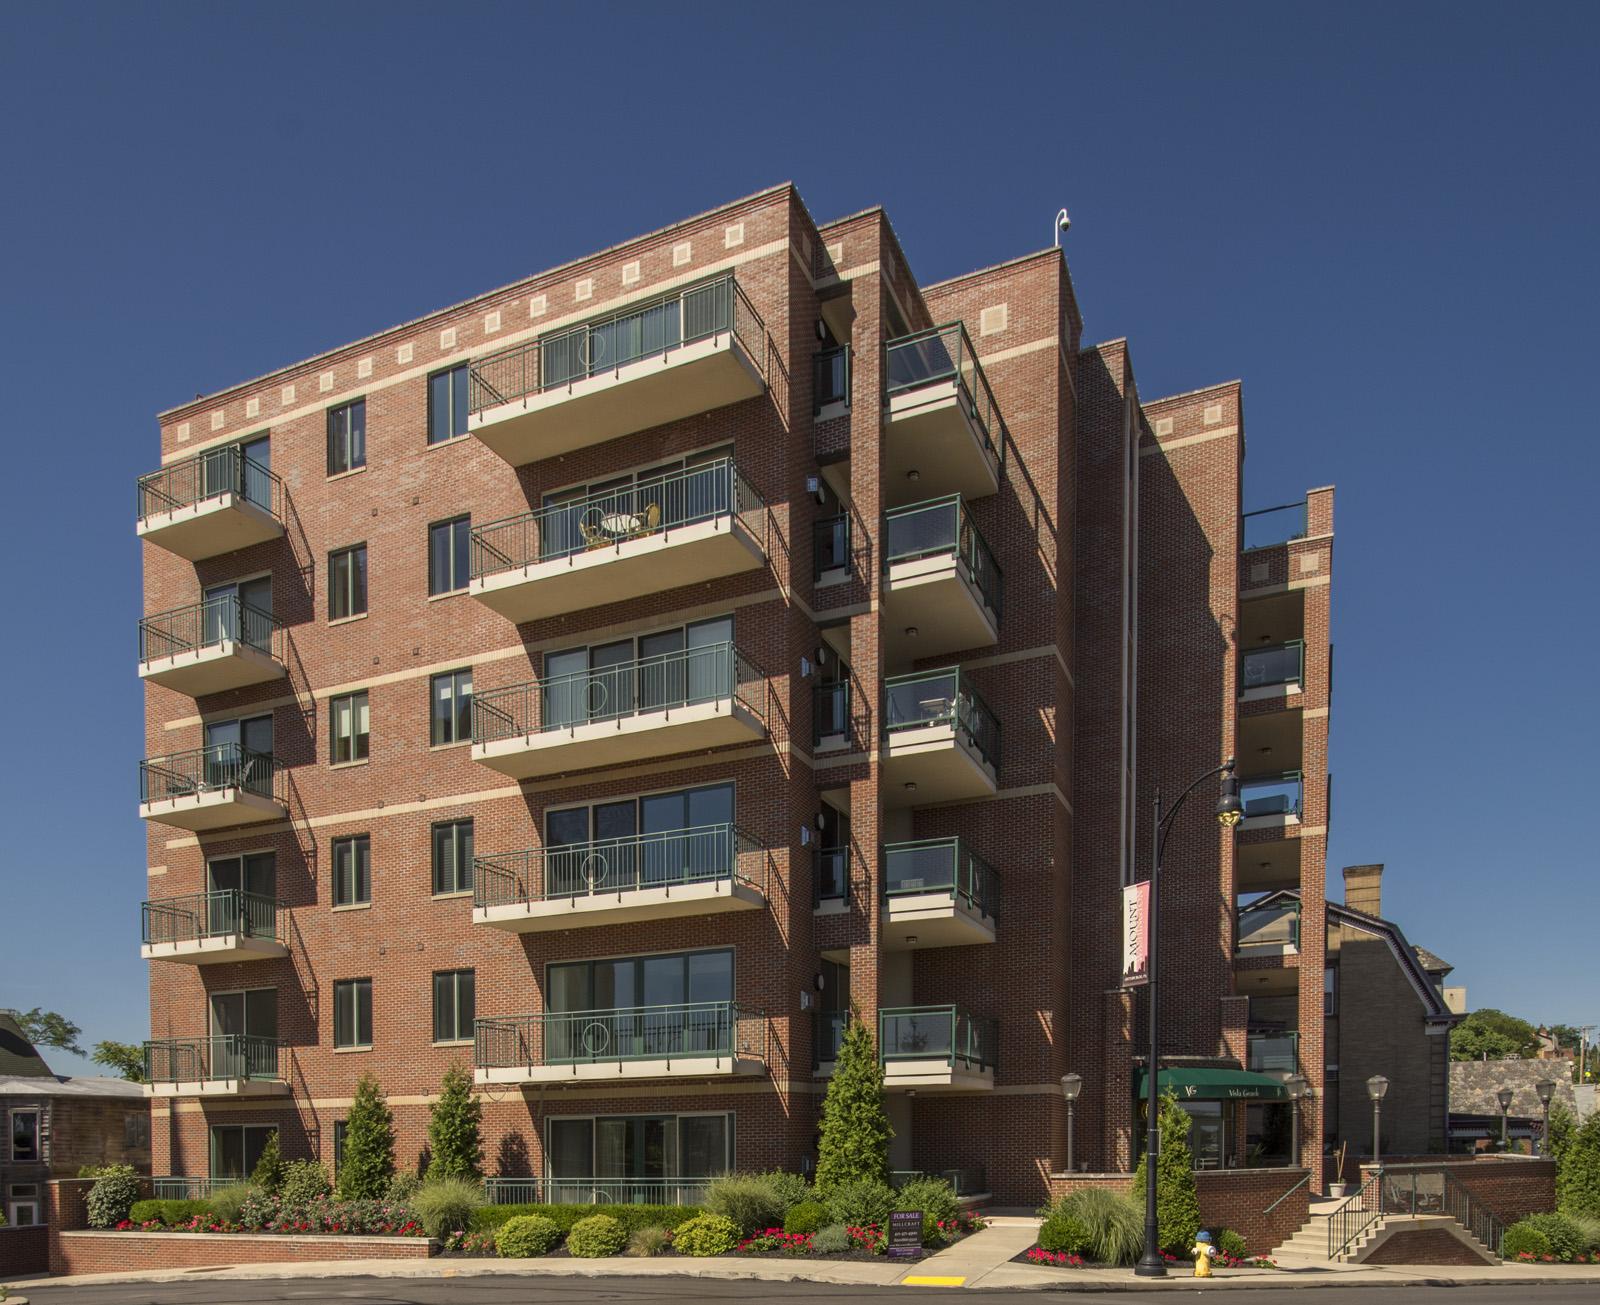 Condominium for Sale at Vista Grande 501 Grandview Unit 2001 Pittsburgh, Pennsylvania 15211 United States